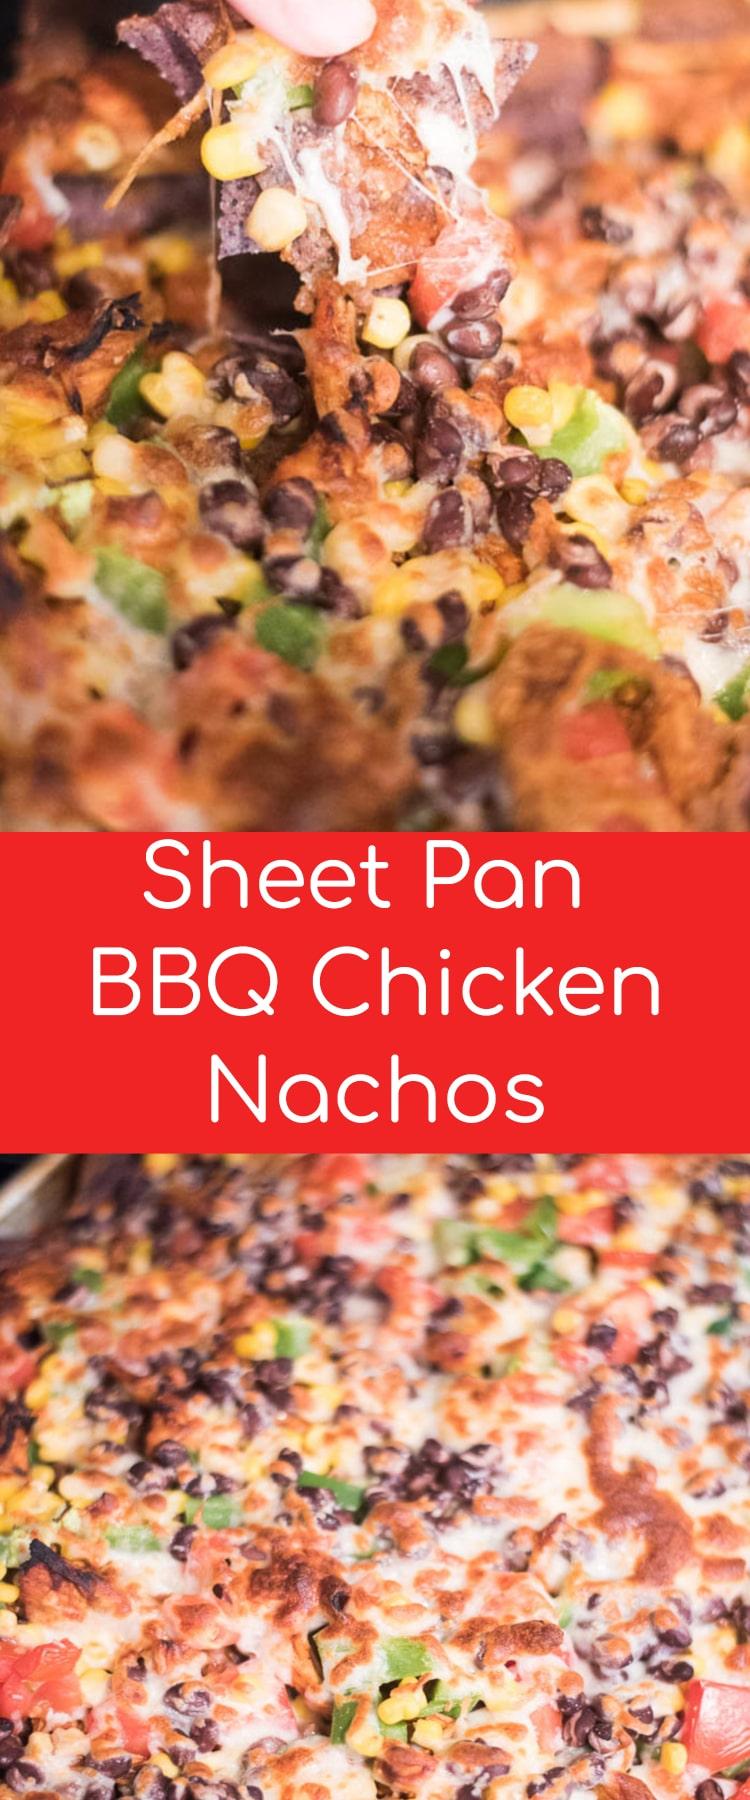 BBQ Chicken Nachos / SHeet Pan Nachos / Best Chicken Nachos / Pulled Chicken Nachos #nachos #appetizer via @clarkscondensed